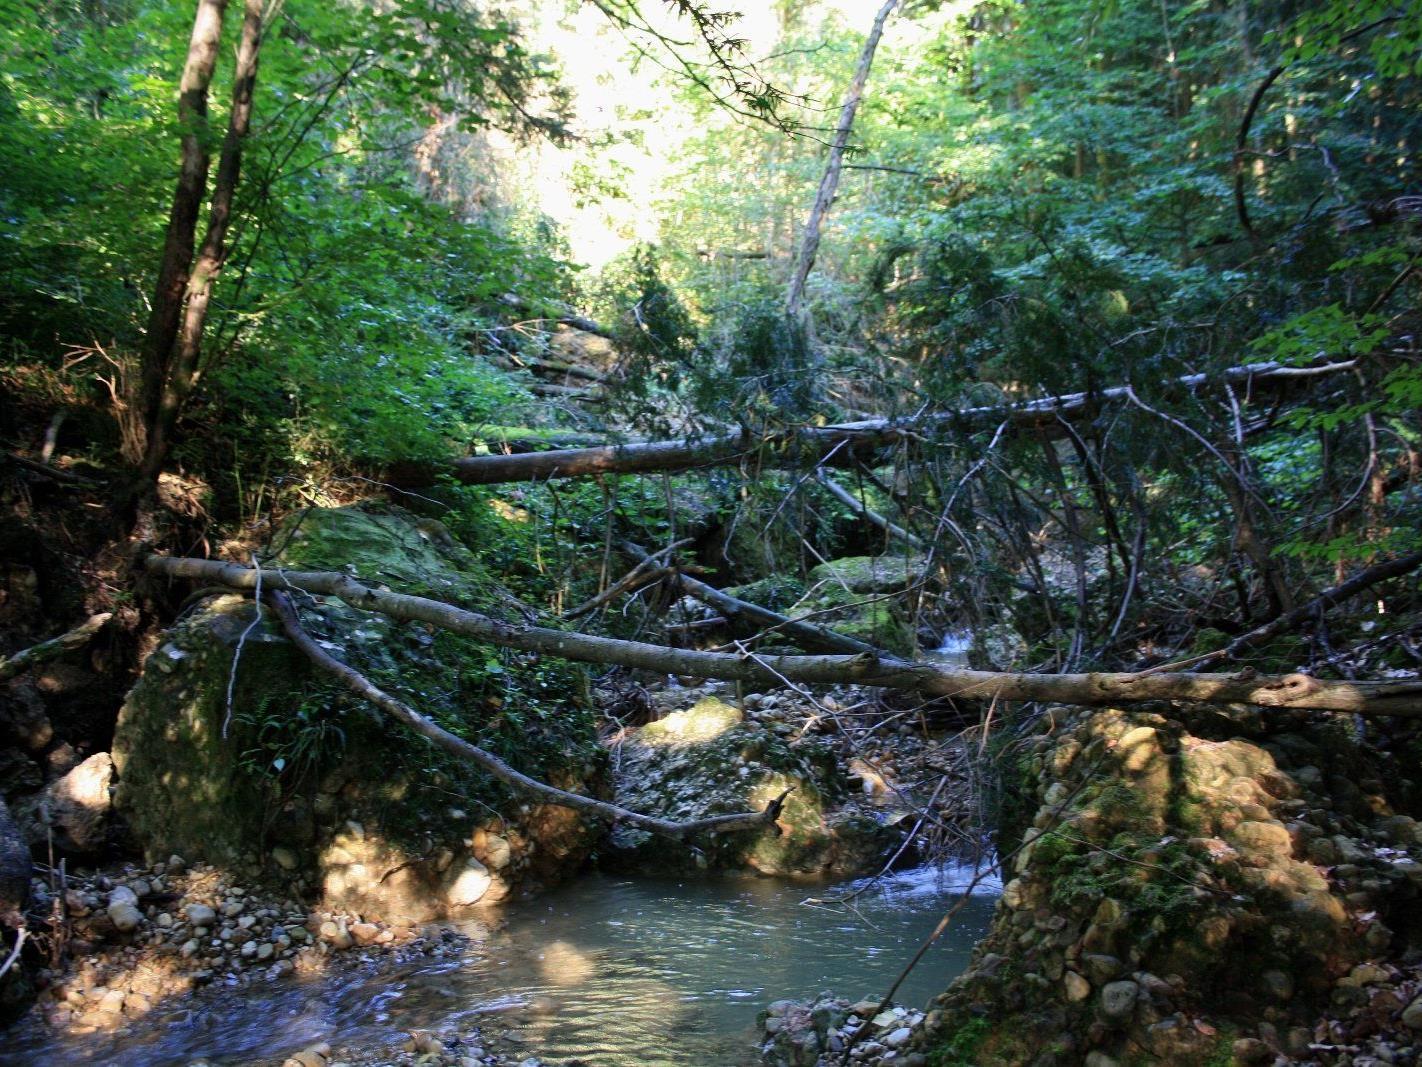 Zahlreiche entwurzelte Bäume und das Totholz im Bachbett sowie Bäume im Nahbereich des Klausmühlebaches müssen entfernt werden.